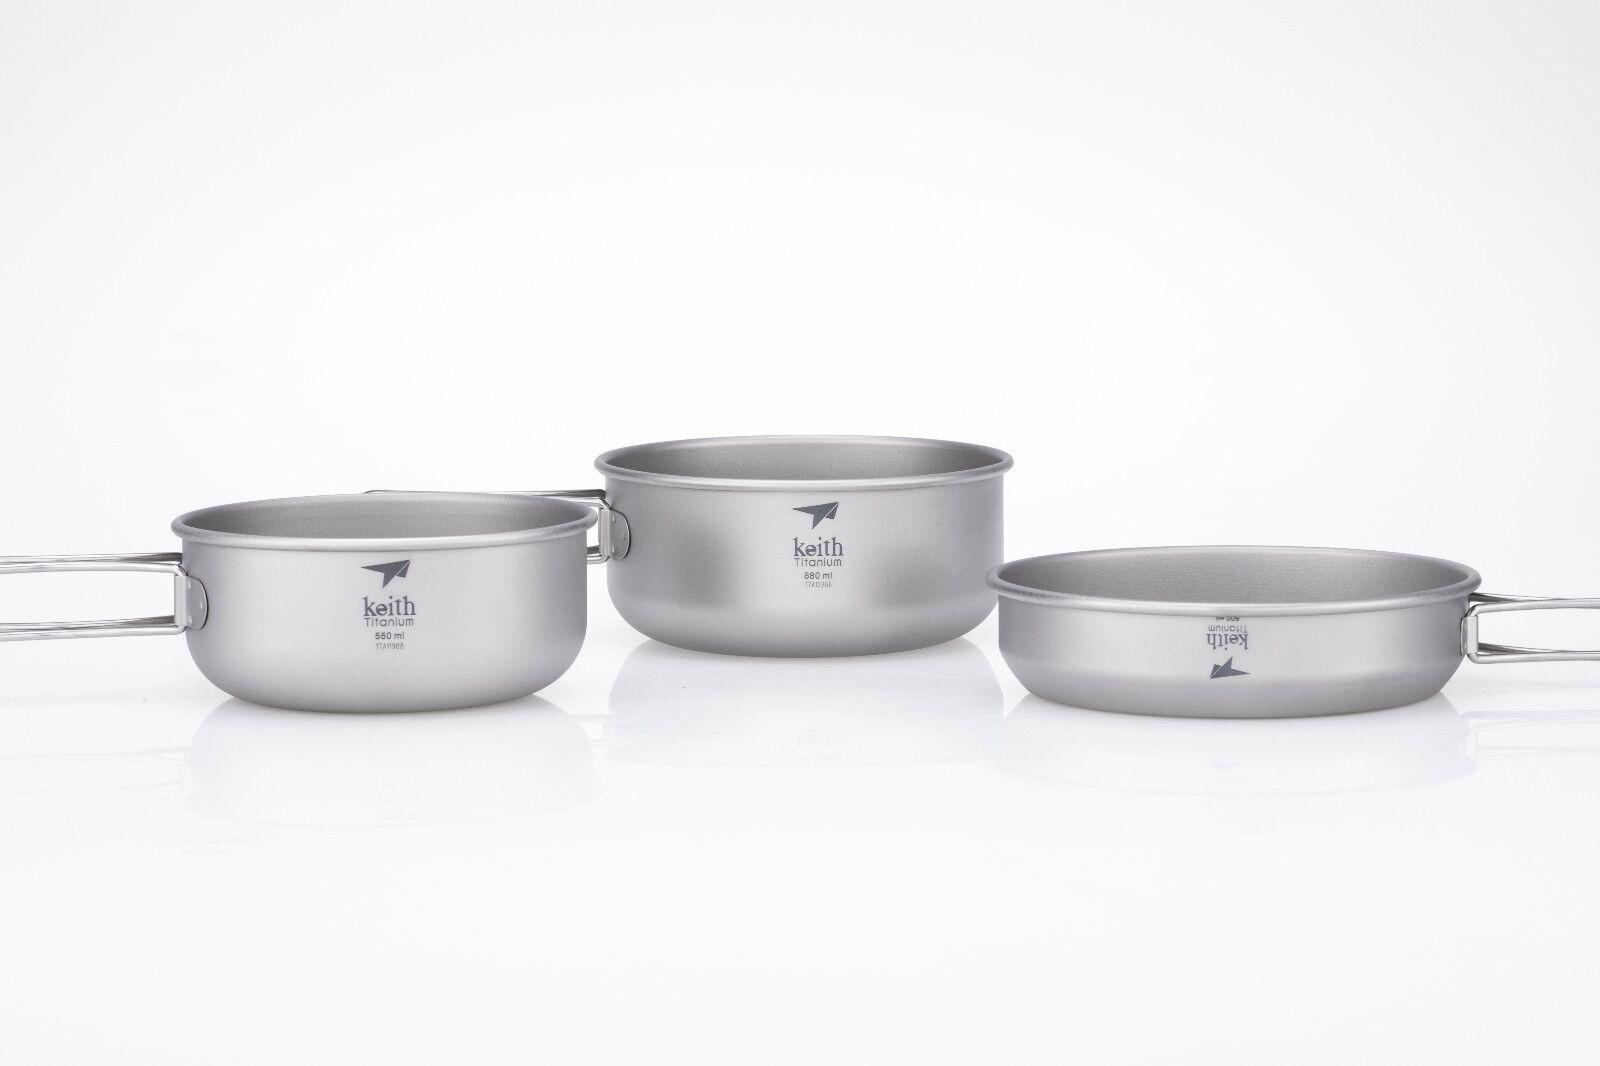 Keith Titanium Ti6053 3-Piece Bowls and Pan Pan Pan Set (Shipped from USA) d266f7